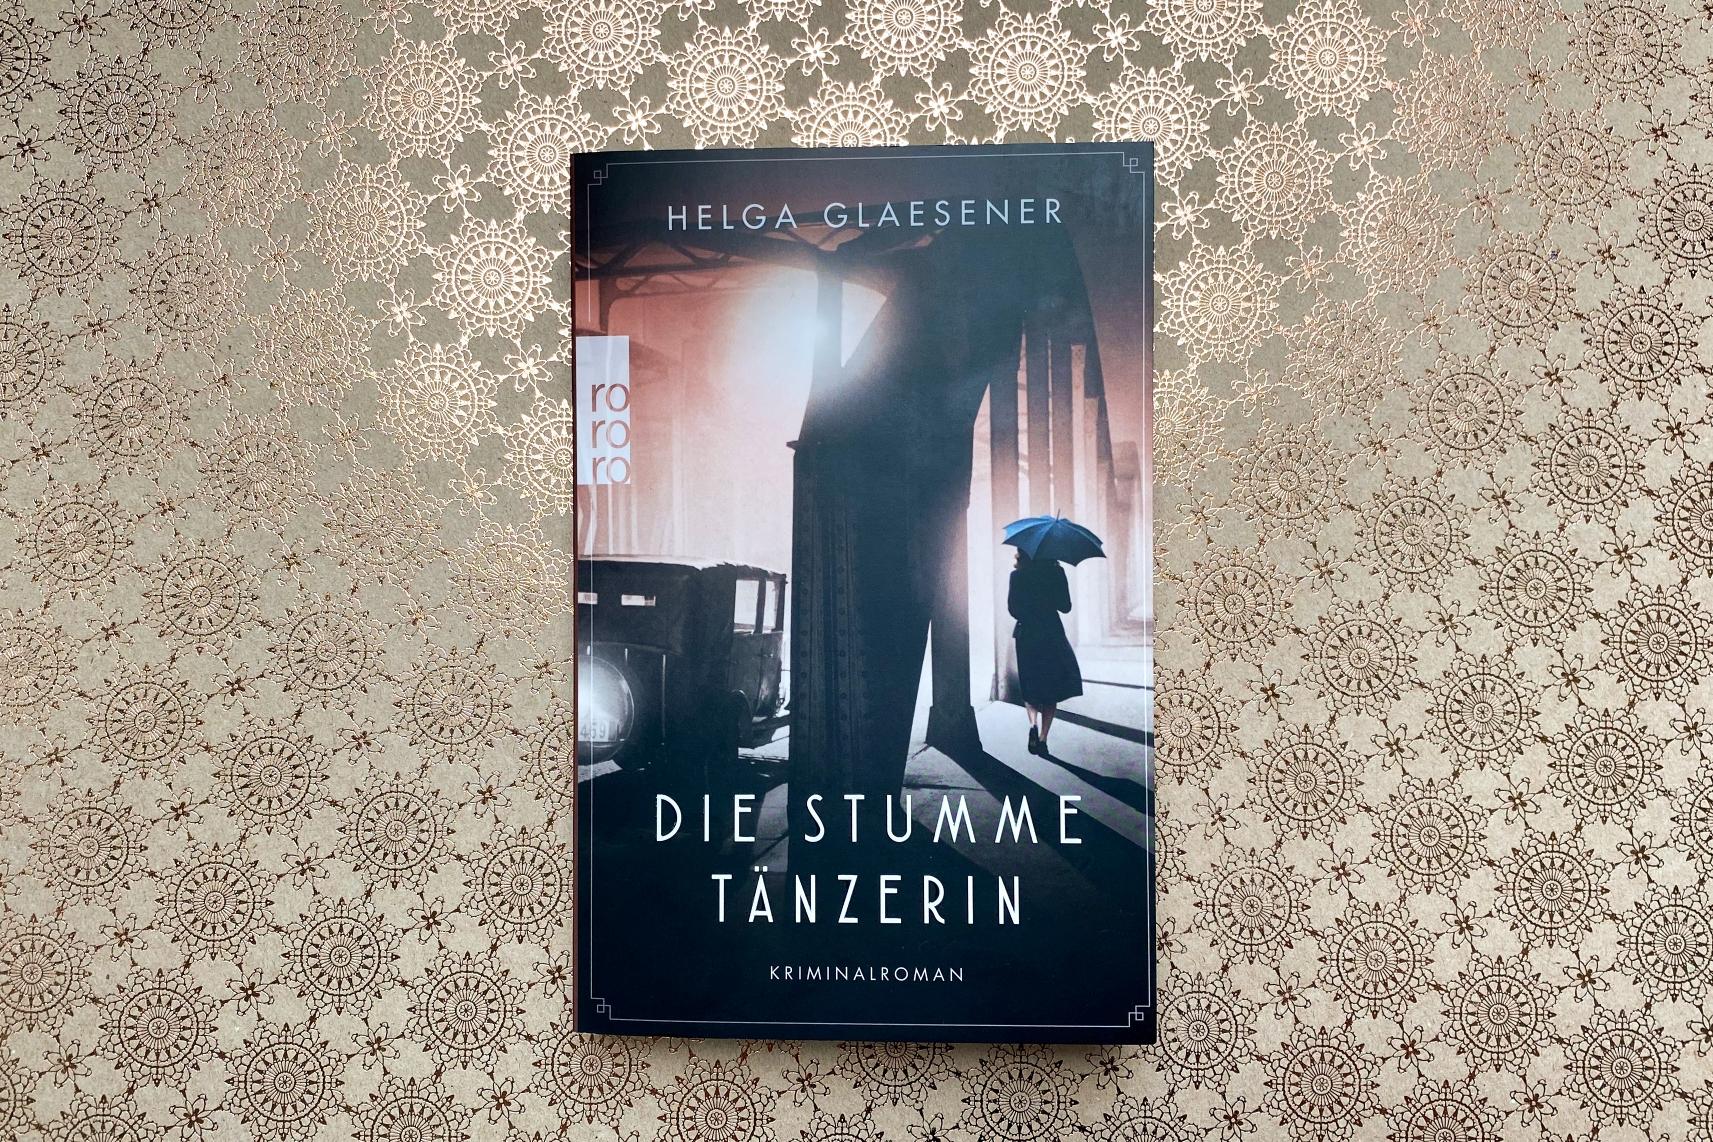 Helga Glaesener Die stumme Tänzerin Rowohlt historischer Kriminalroman Krimi Hamburg Weibliche Kriminalpolizei